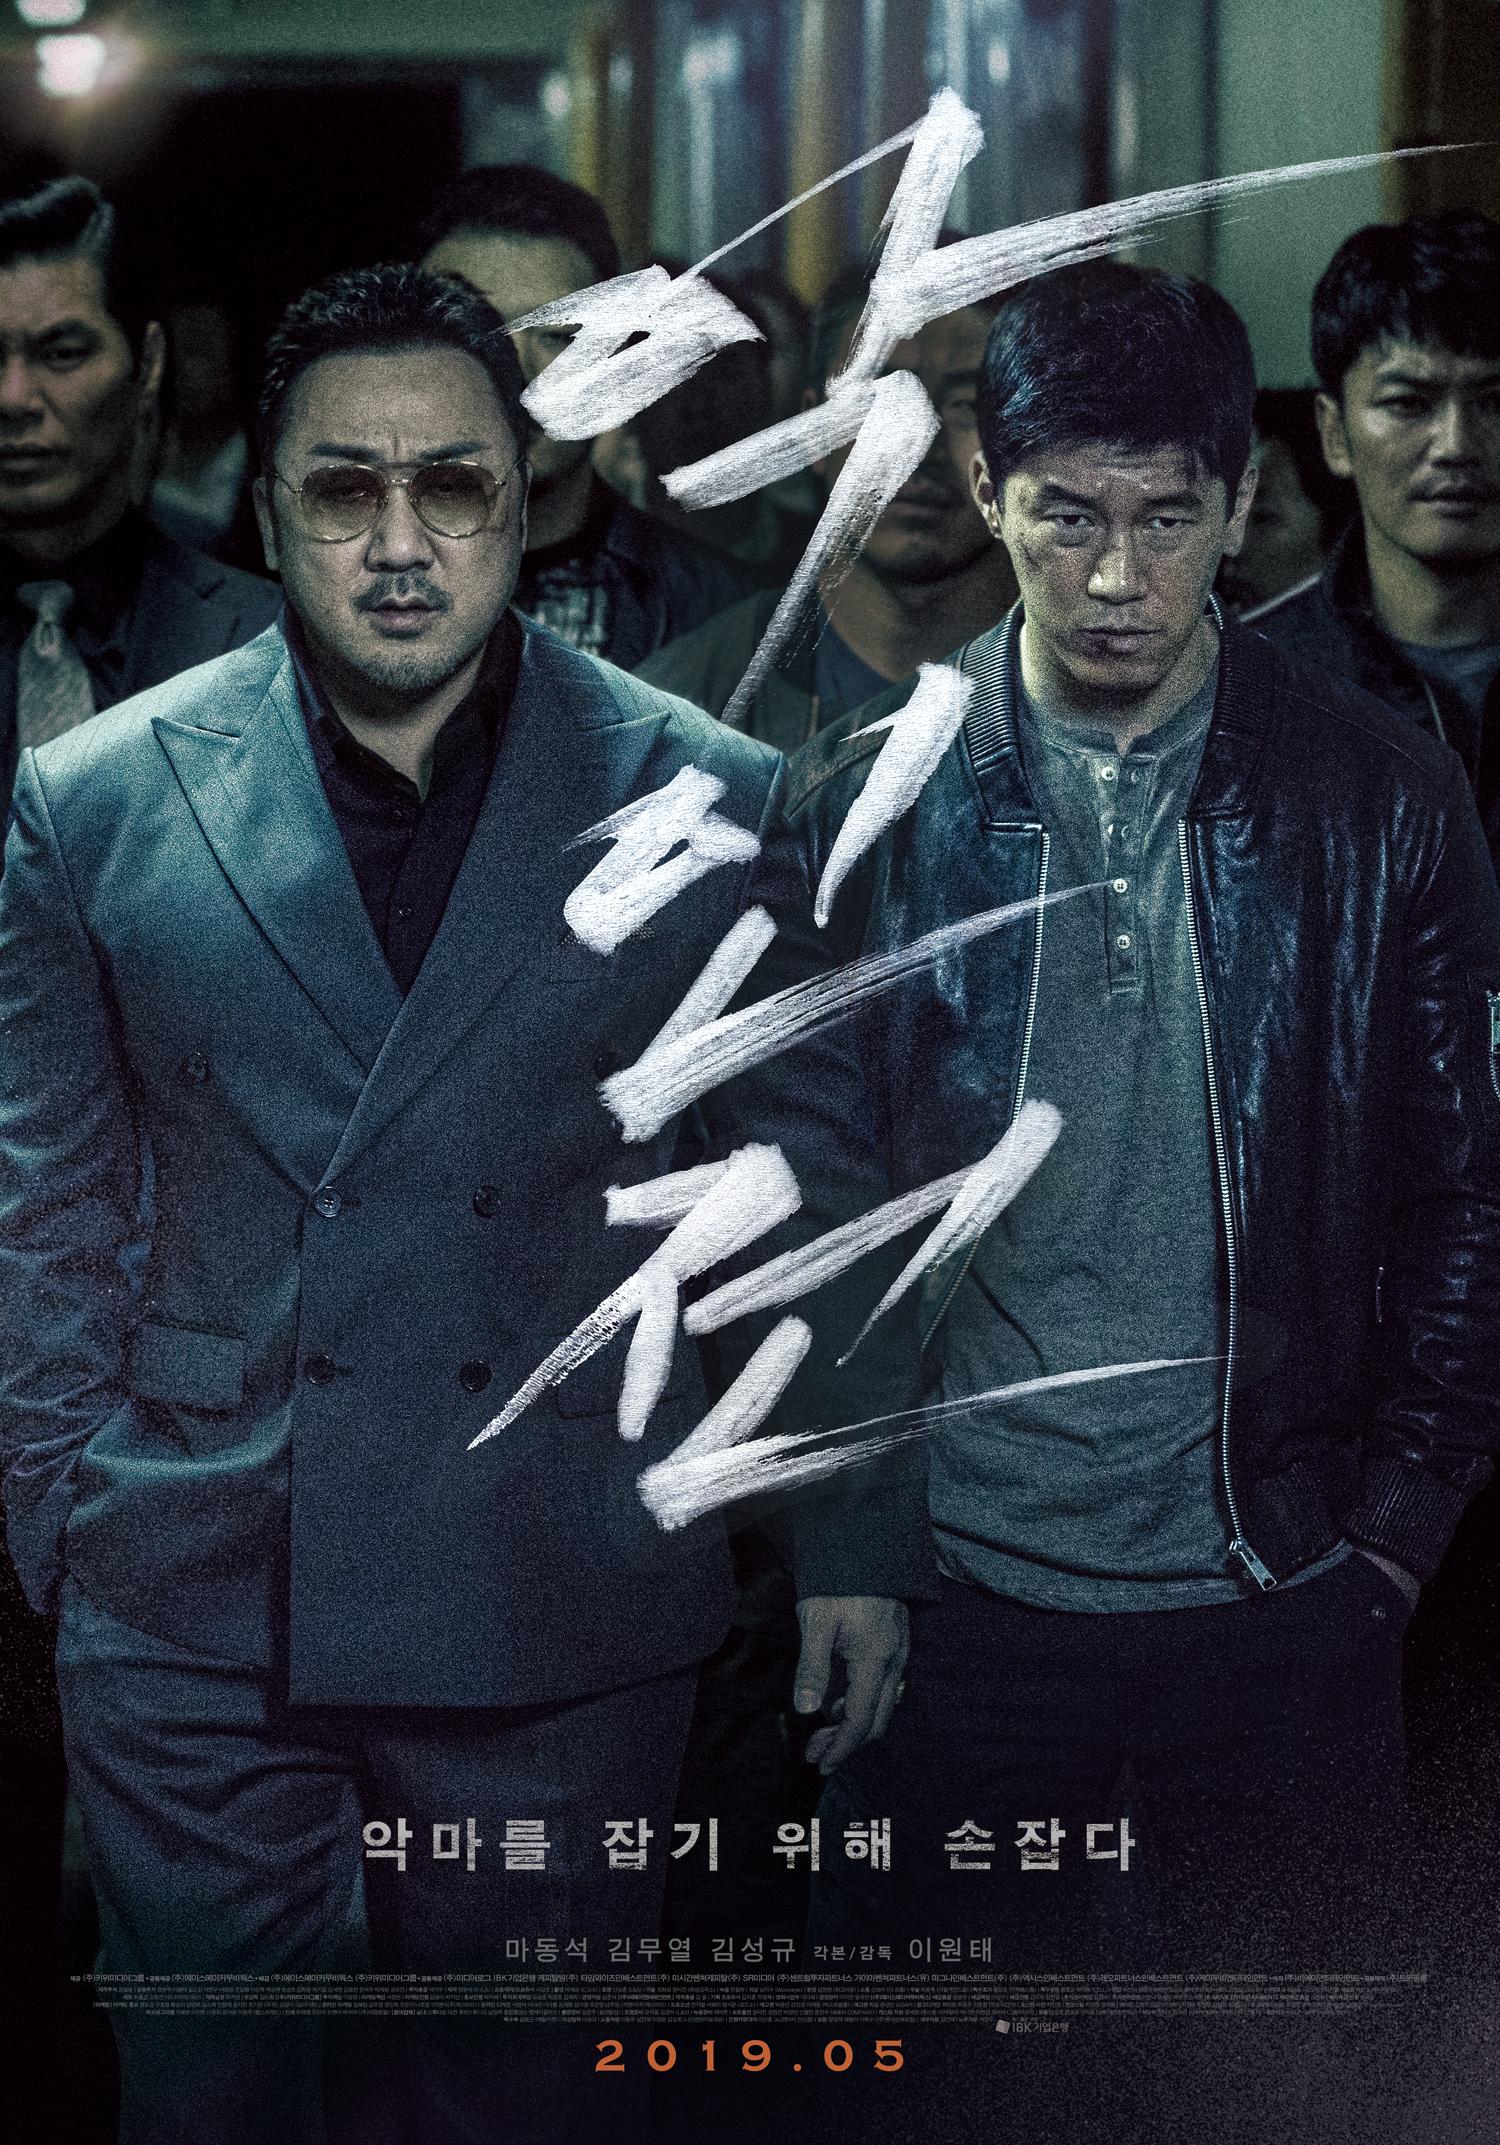 '악인전' 제72회 칸 영화제 미드나잇 스크리닝 초청... 5월 15일 국내 개봉 확정